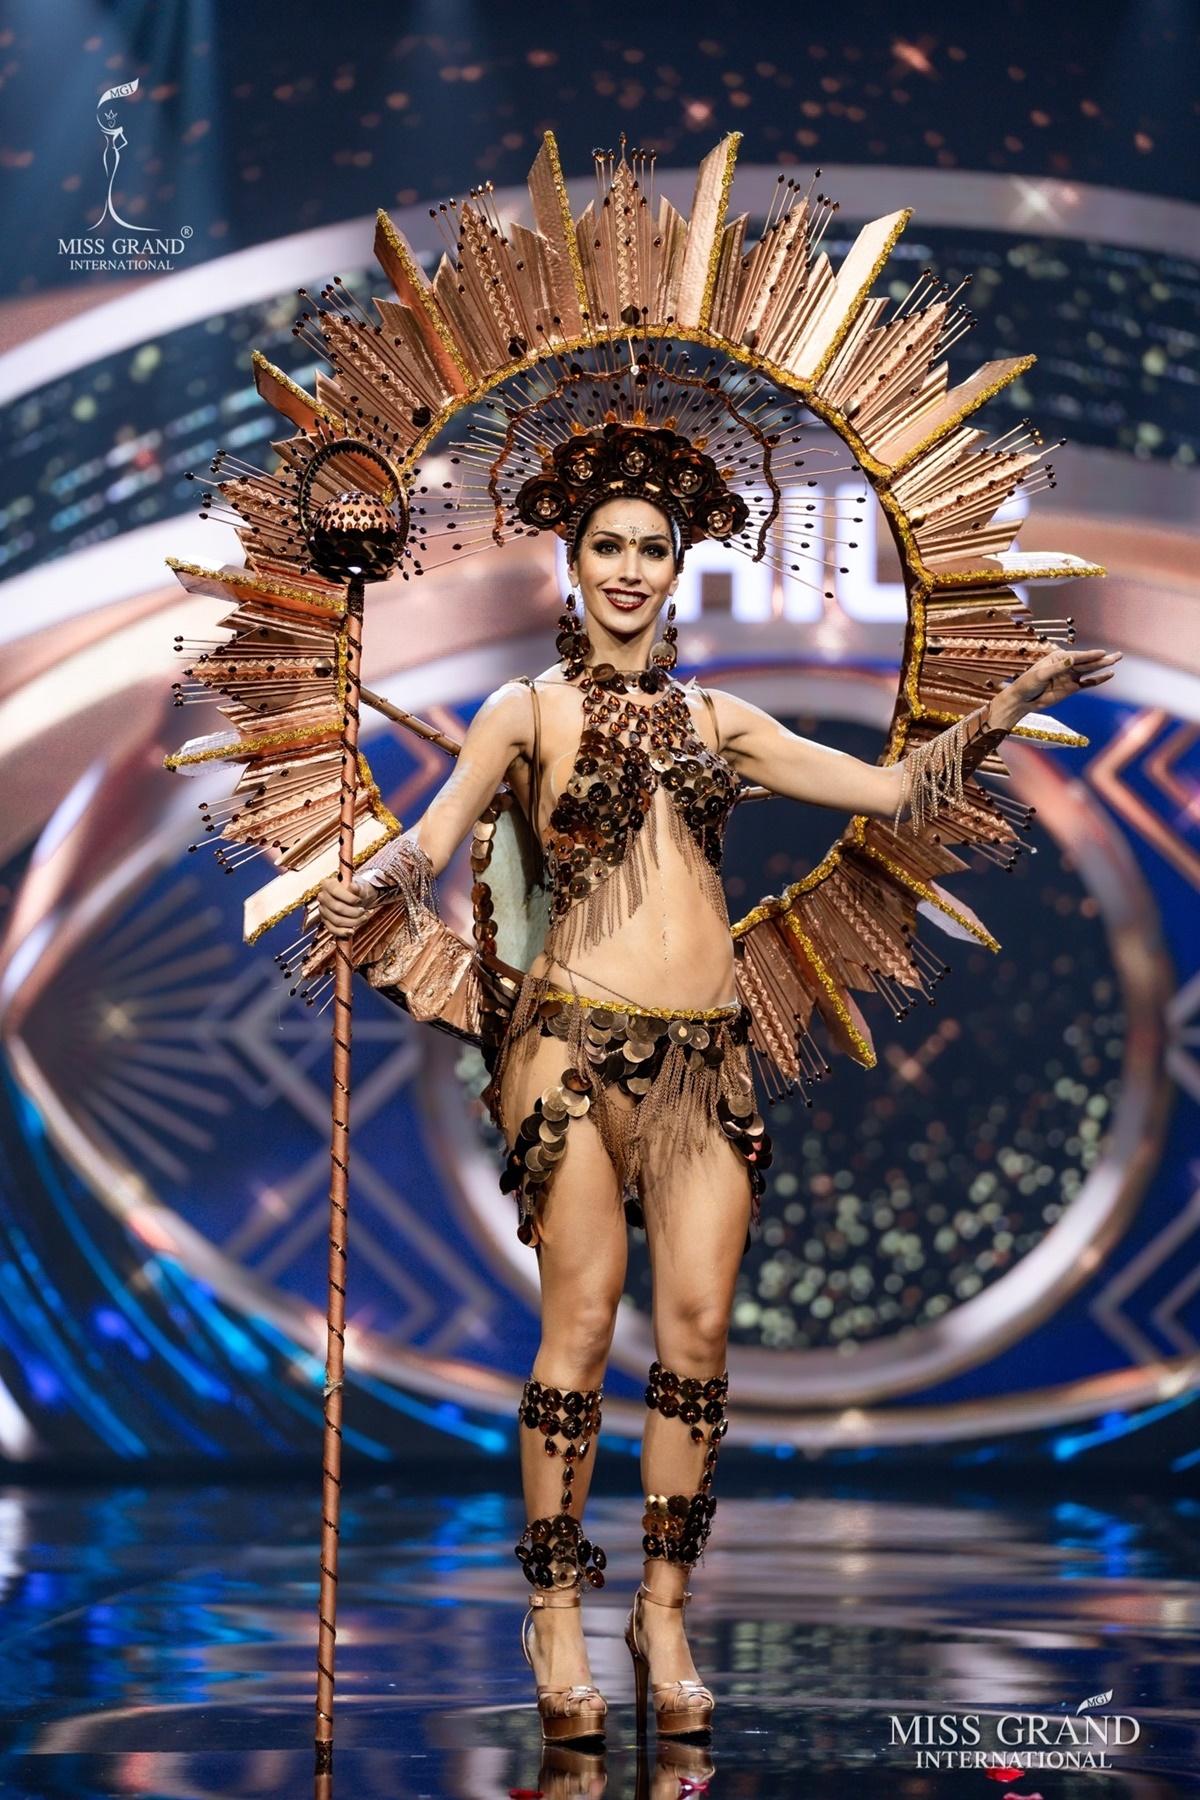 Thí sinh Chile biến đồ lót thành trang phục dân tộc. Phía sau cô đeo cánh, gây liên tưởng đến các show thời trang nội y.